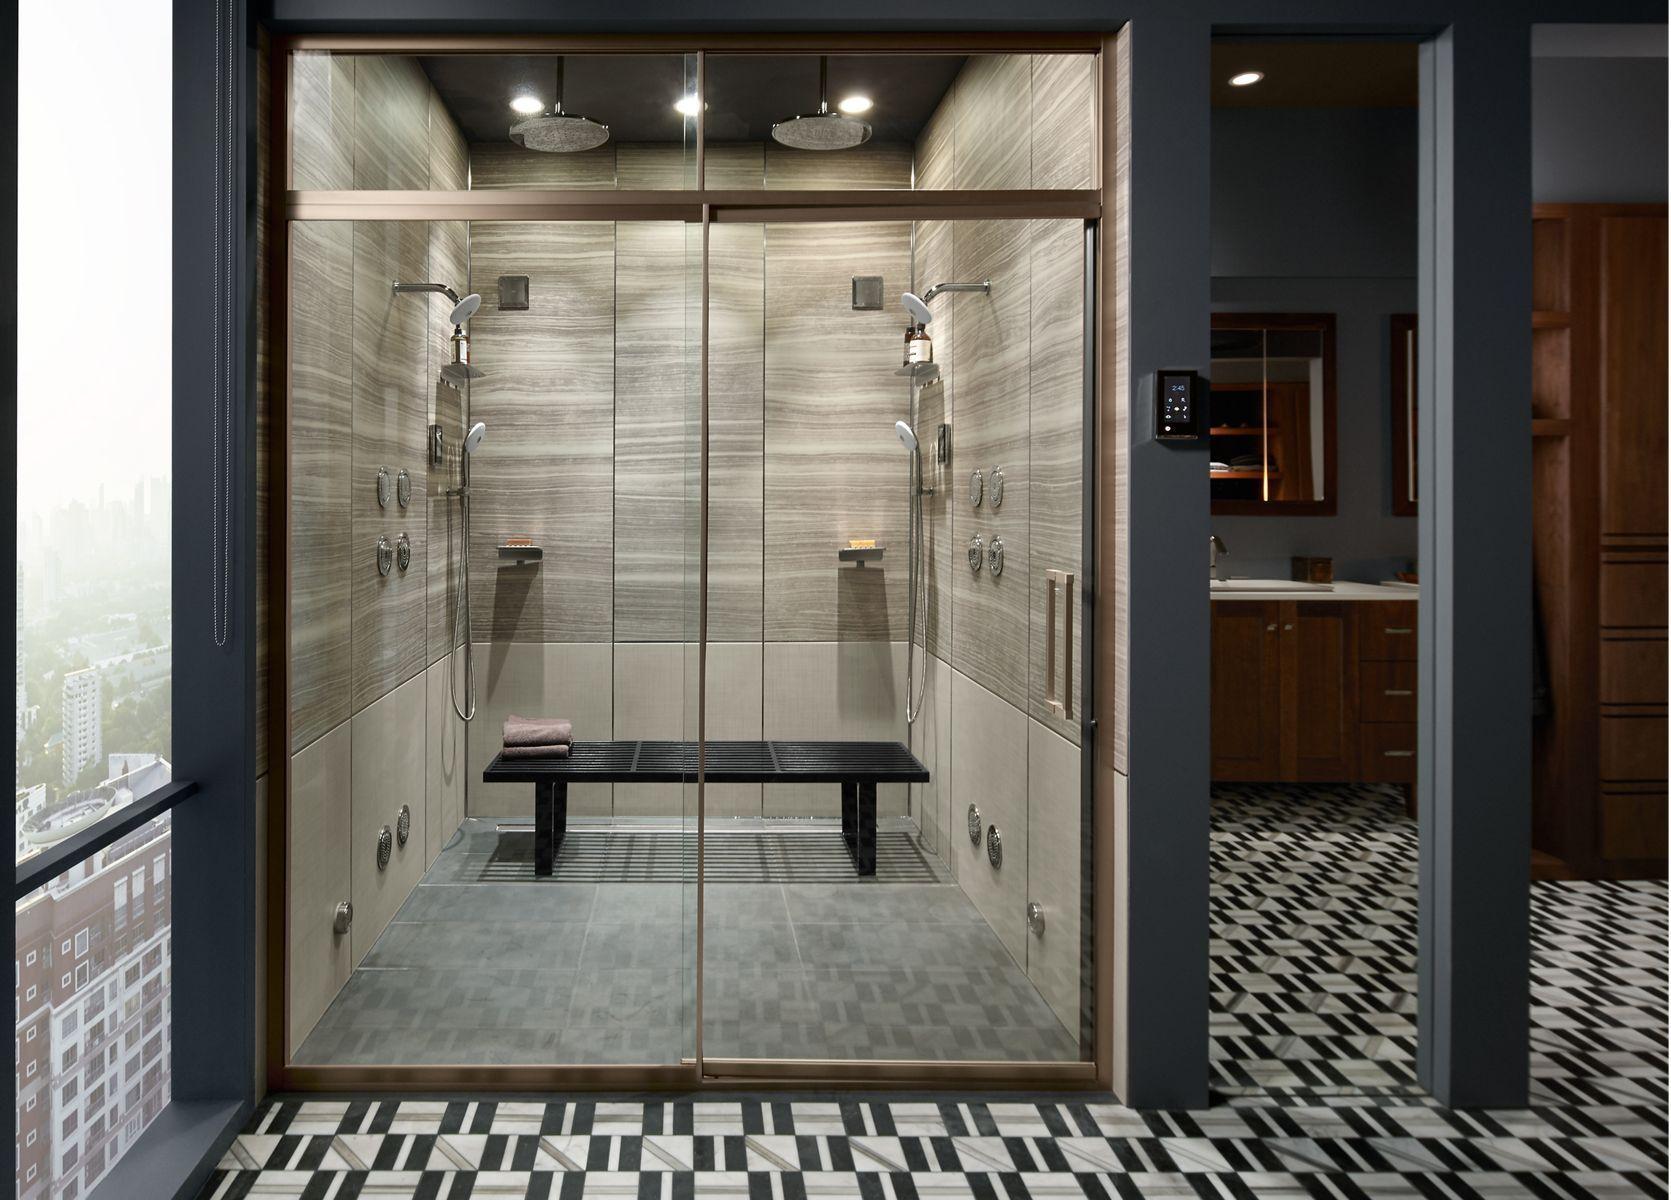 Kohler Bathroom Design Service Kohler Bathroomdesignservice Bathroom Design Inspiration Bathroom Design Bathroom Interior Design